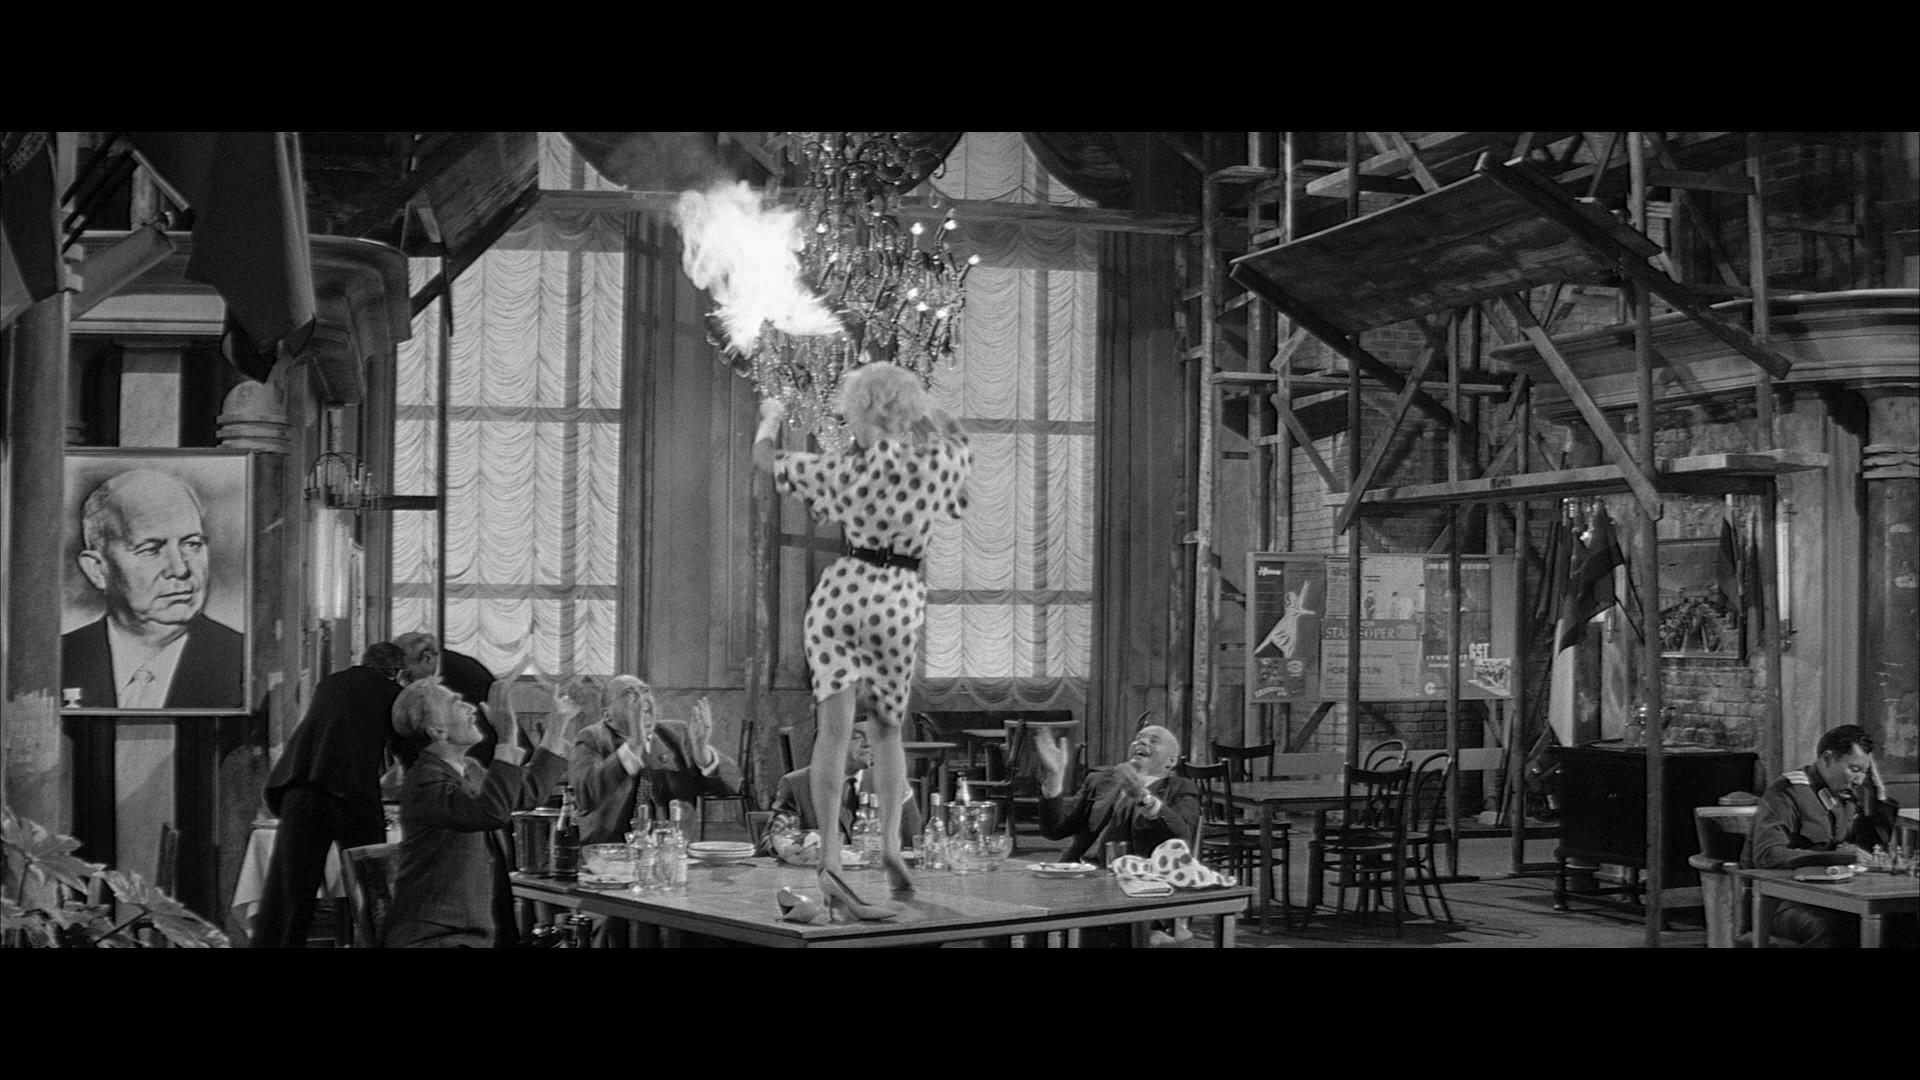 Fräulein Ingeborg (Liselotte Pulver) tanzt in Eins, zwei, drei ausgelassen auf einem Tisch, die drei Sowjets geben aufgeregt Beifall.